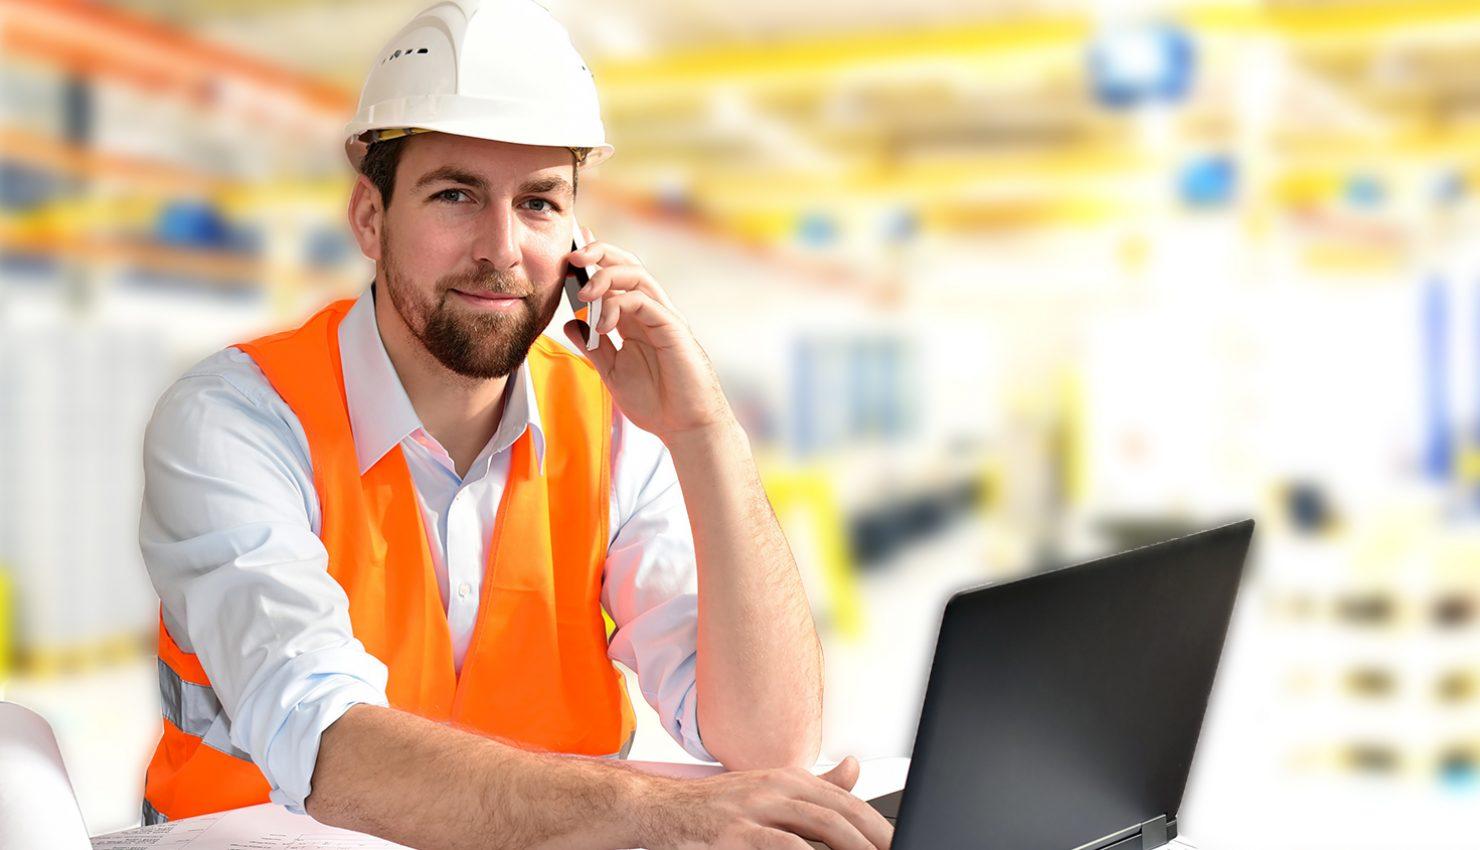 Projektplaner/Fachplaner (m/w/d) im Kabelleitungstiefbau sowie Breitbandausbau